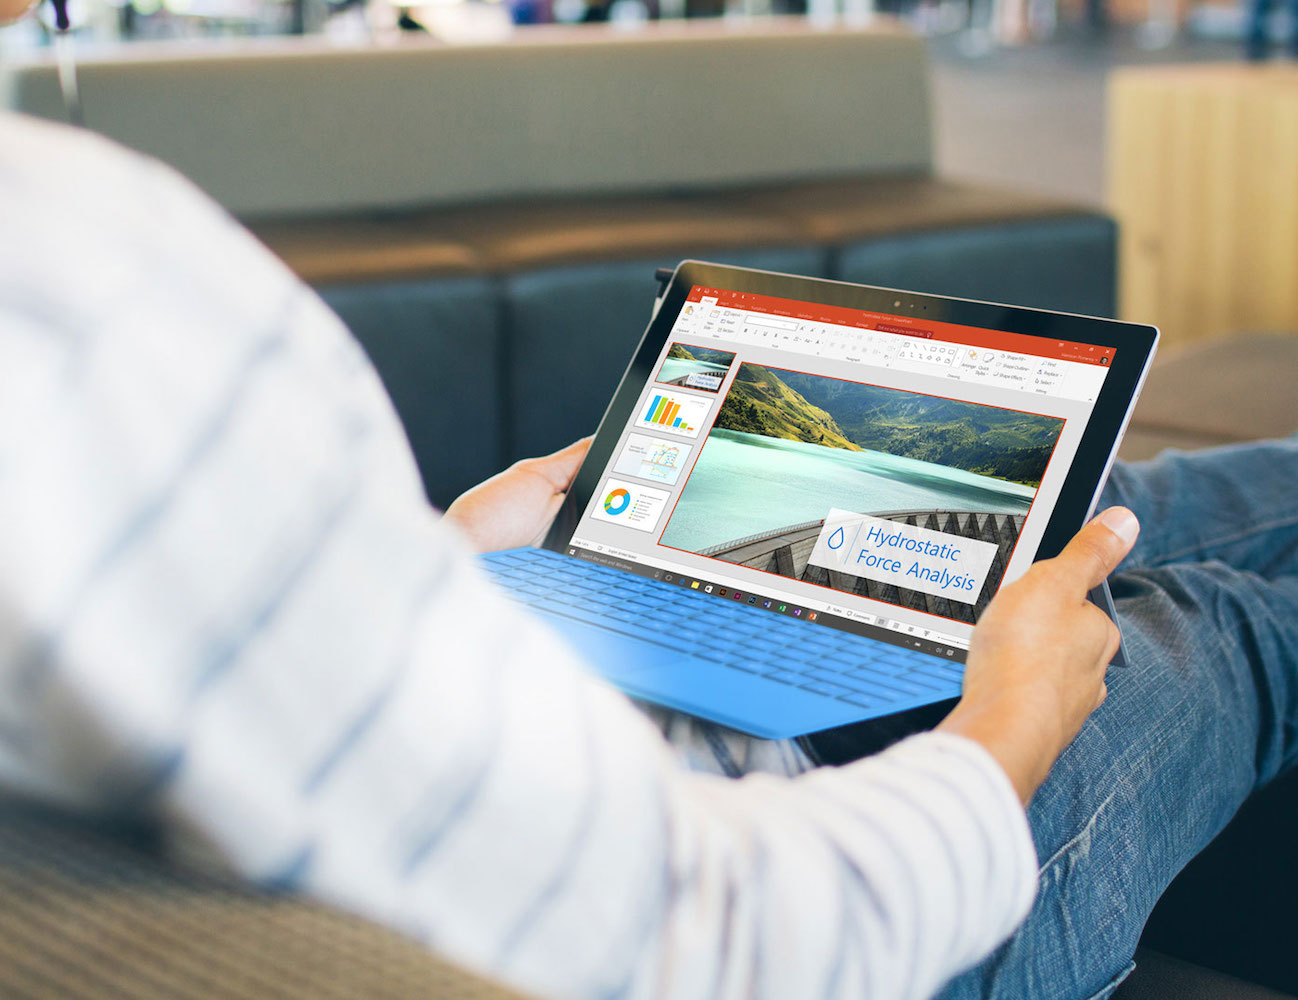 Microsoft+Surface+Pro+4